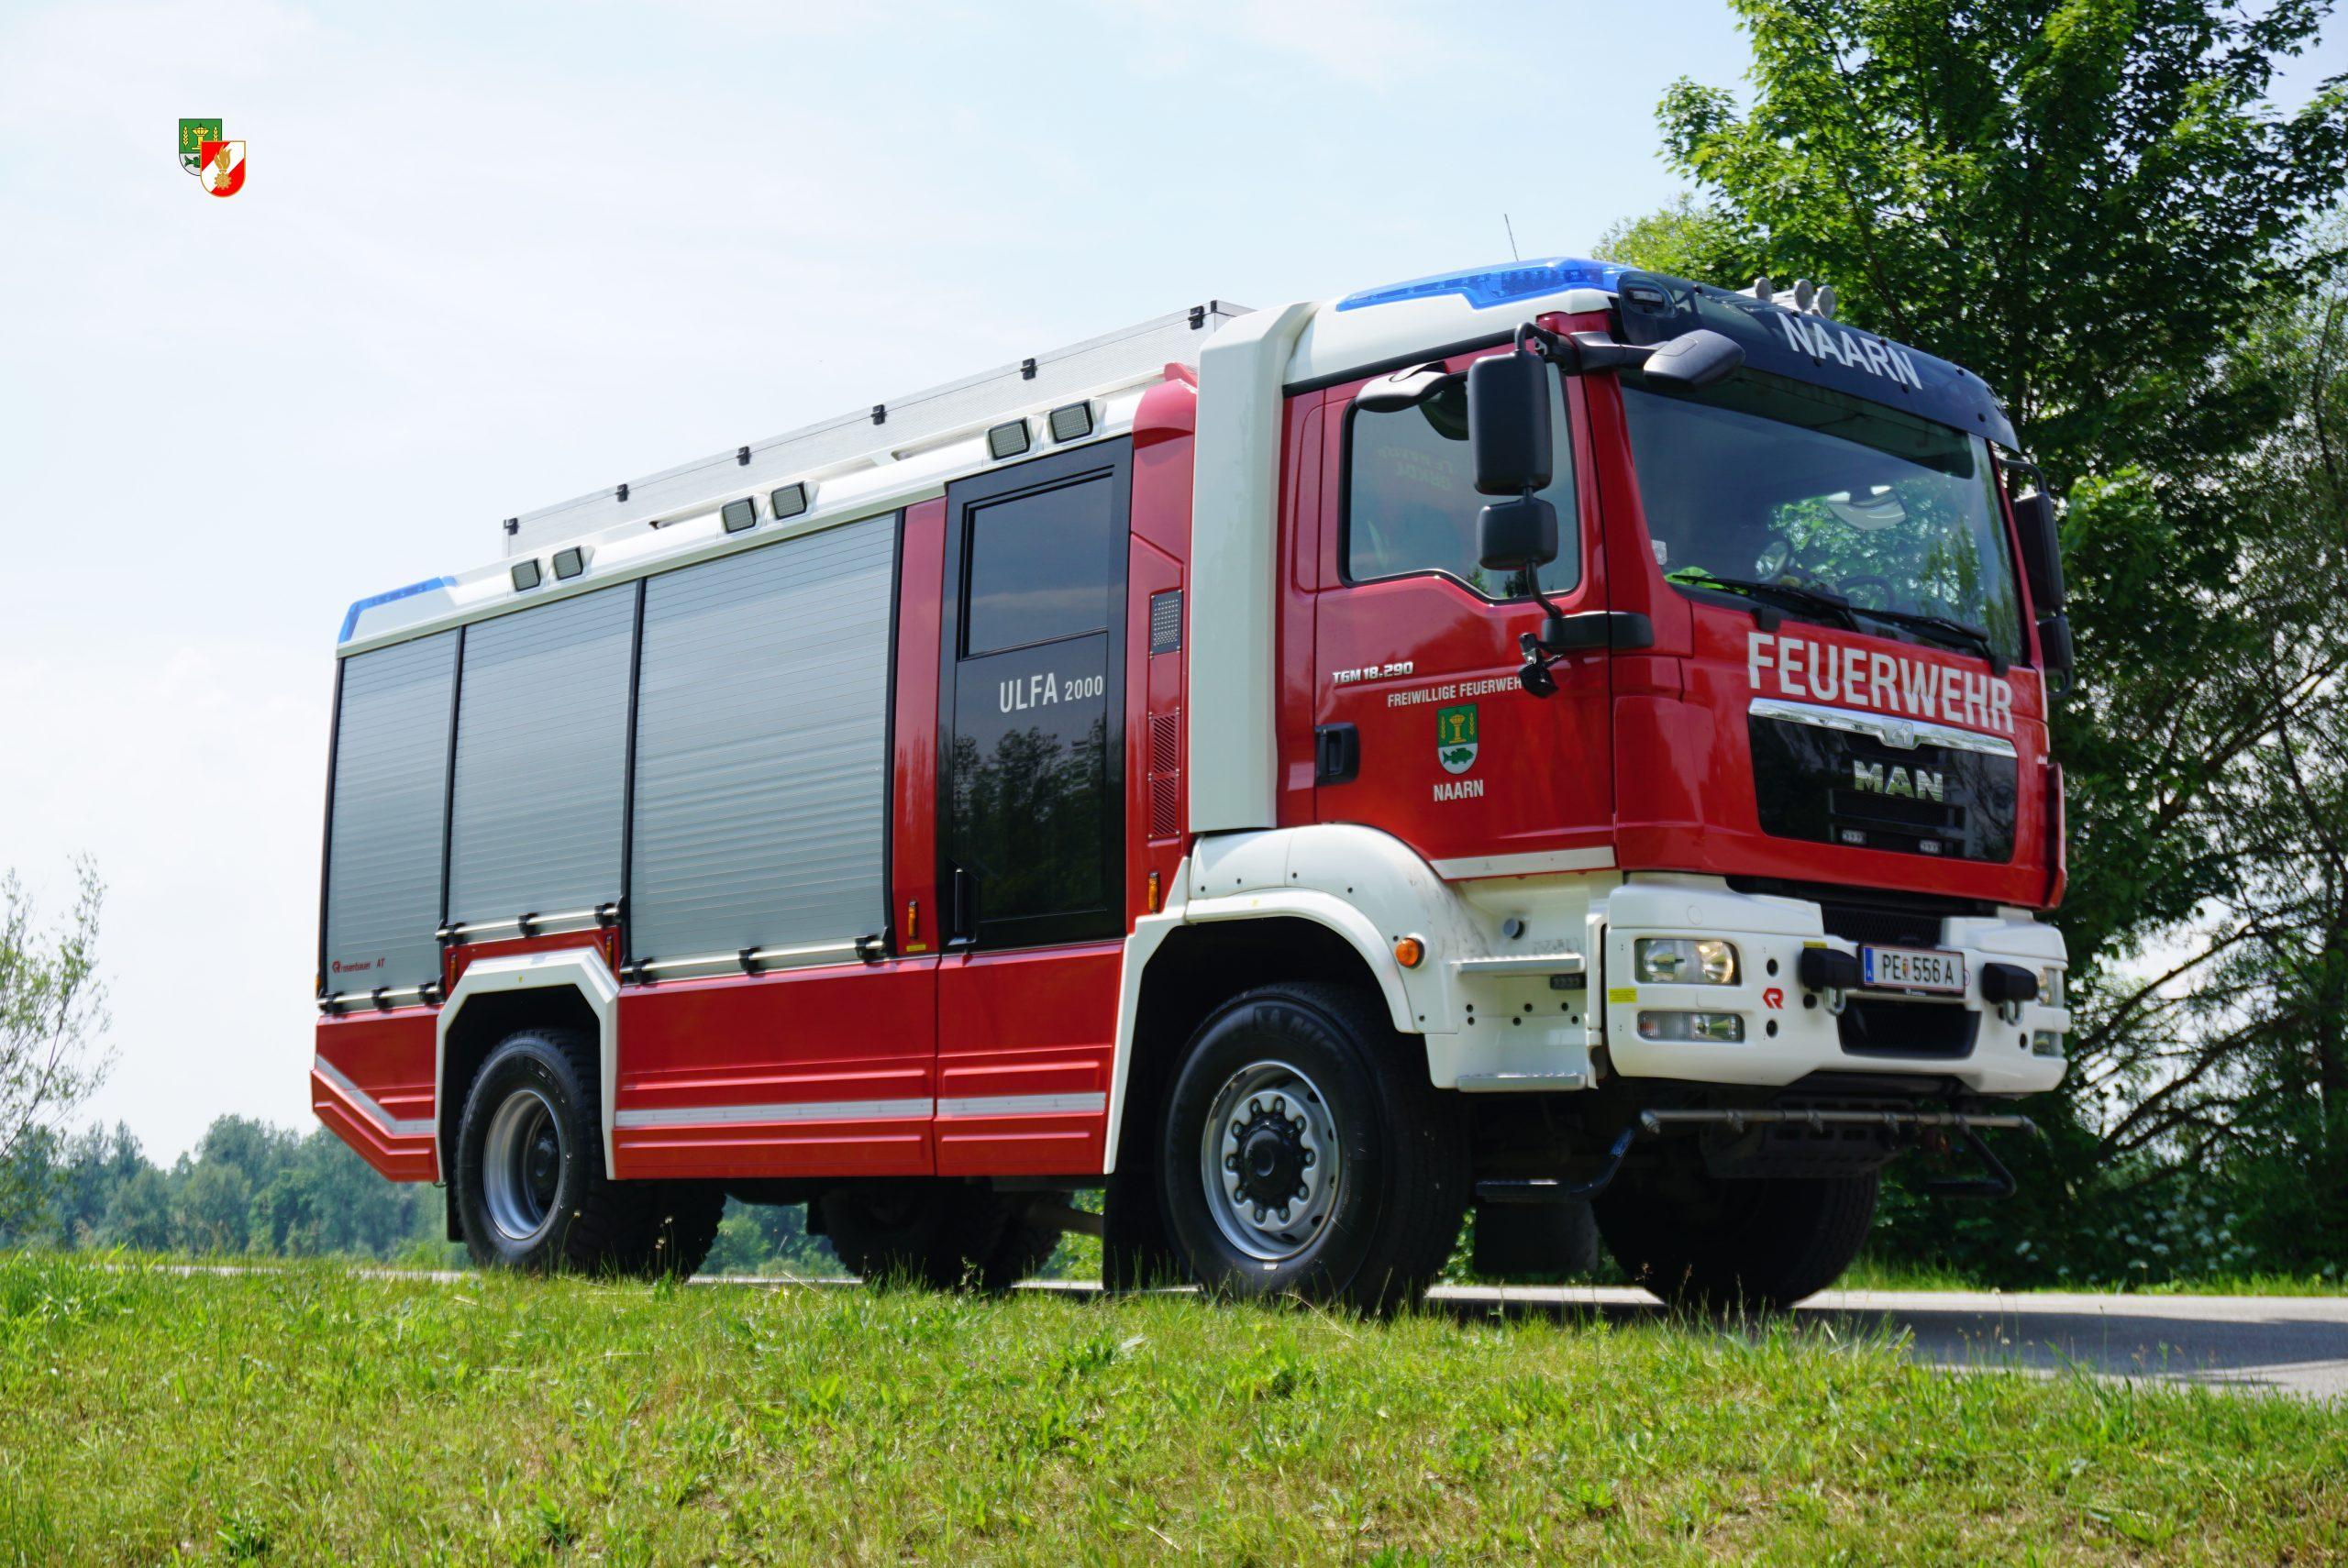 ULF-A 2000